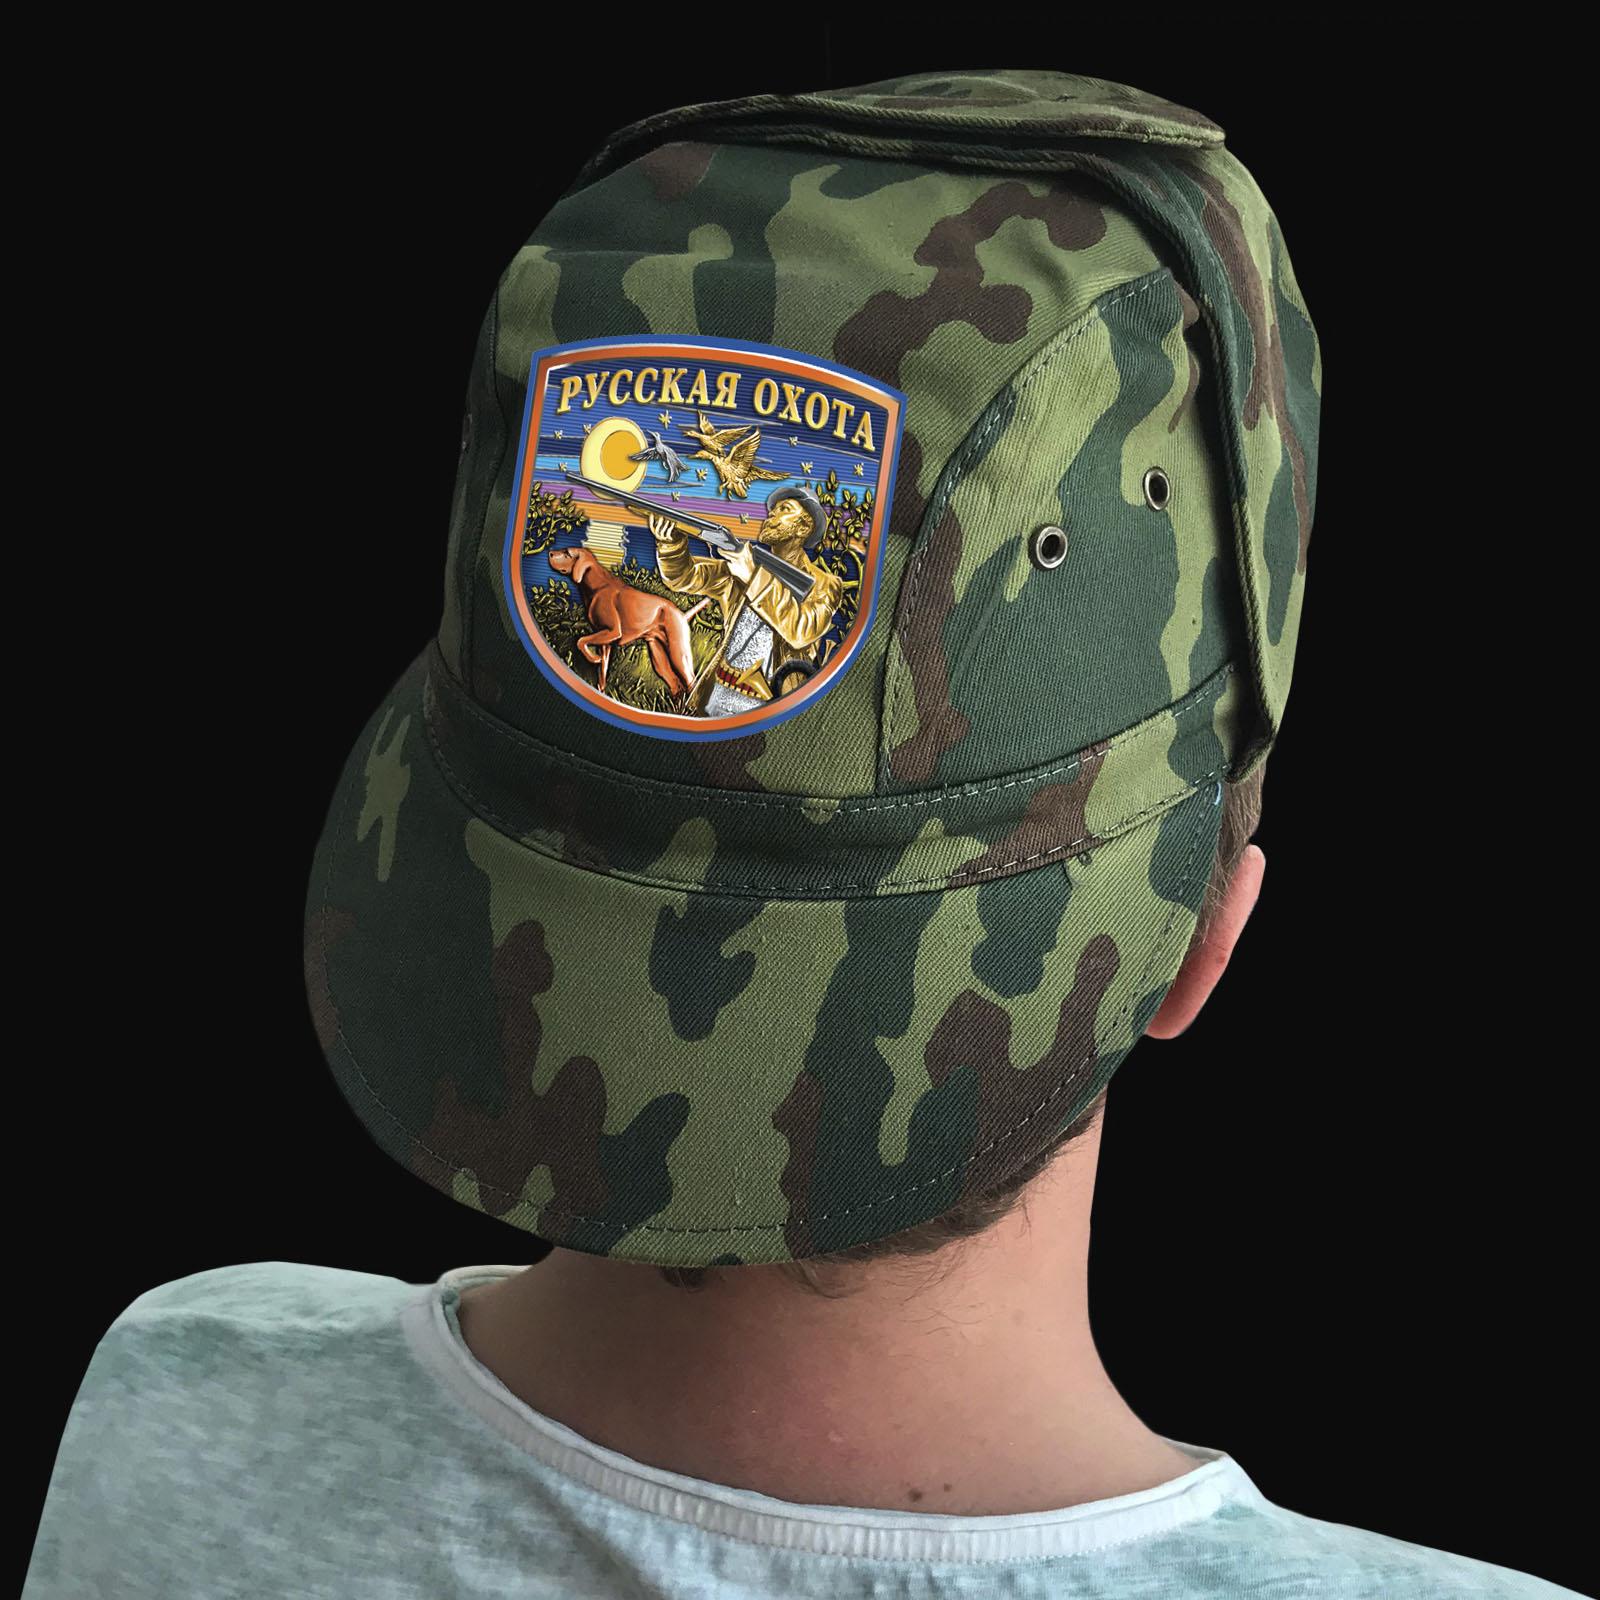 Купить тактическую кепку-камуфляж с термотрансфером Русская Охота в подарок